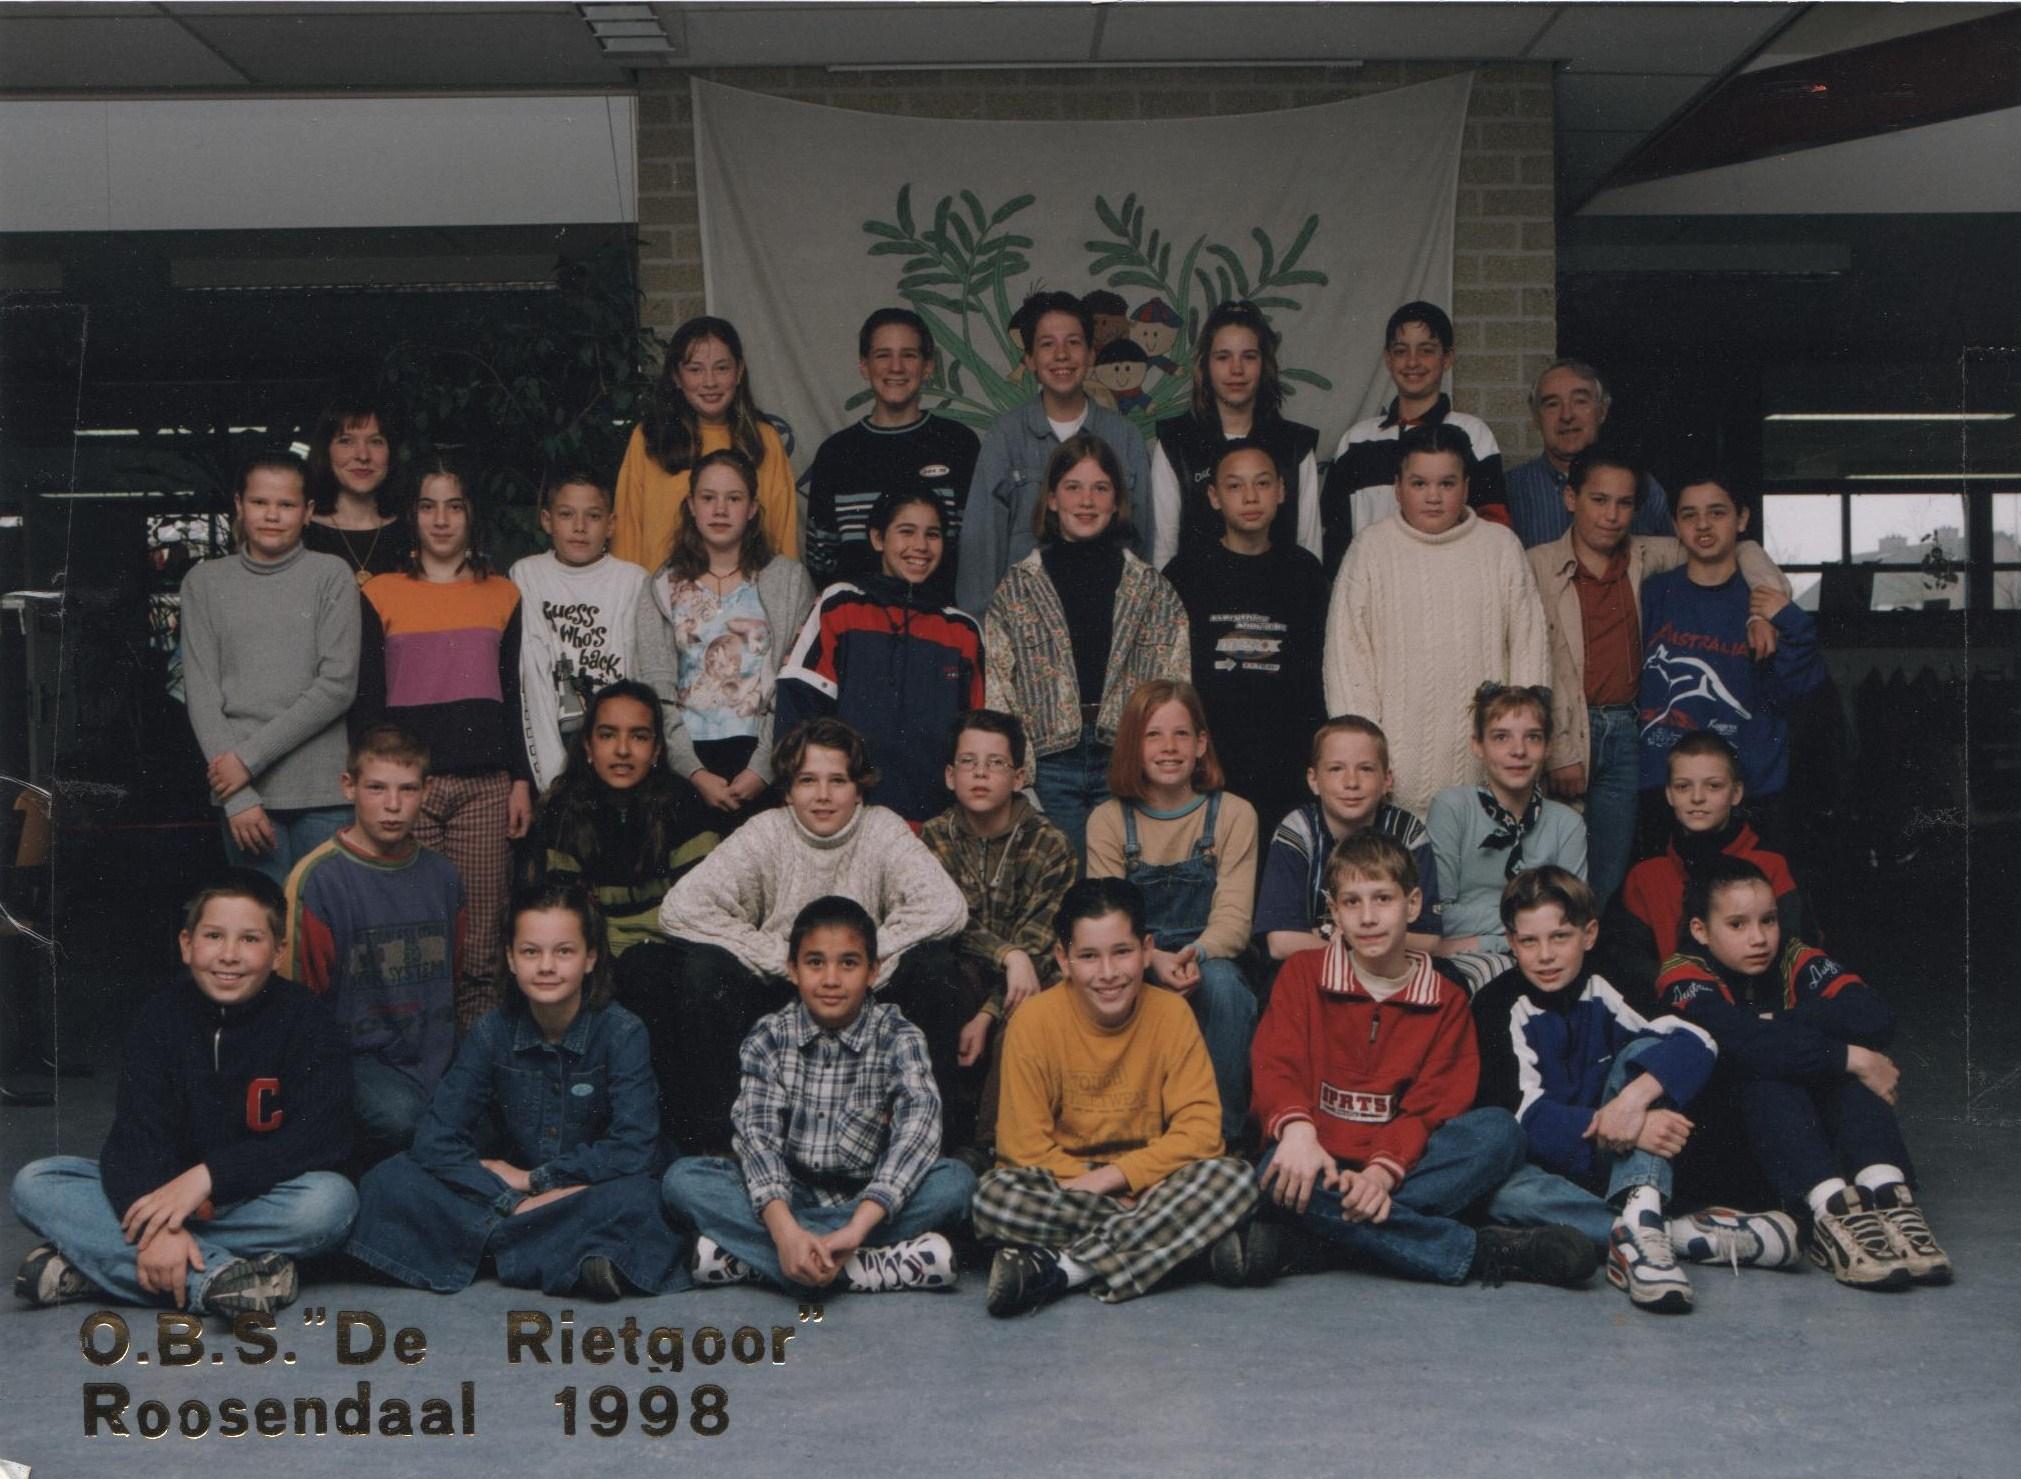 De Rietgoor foto